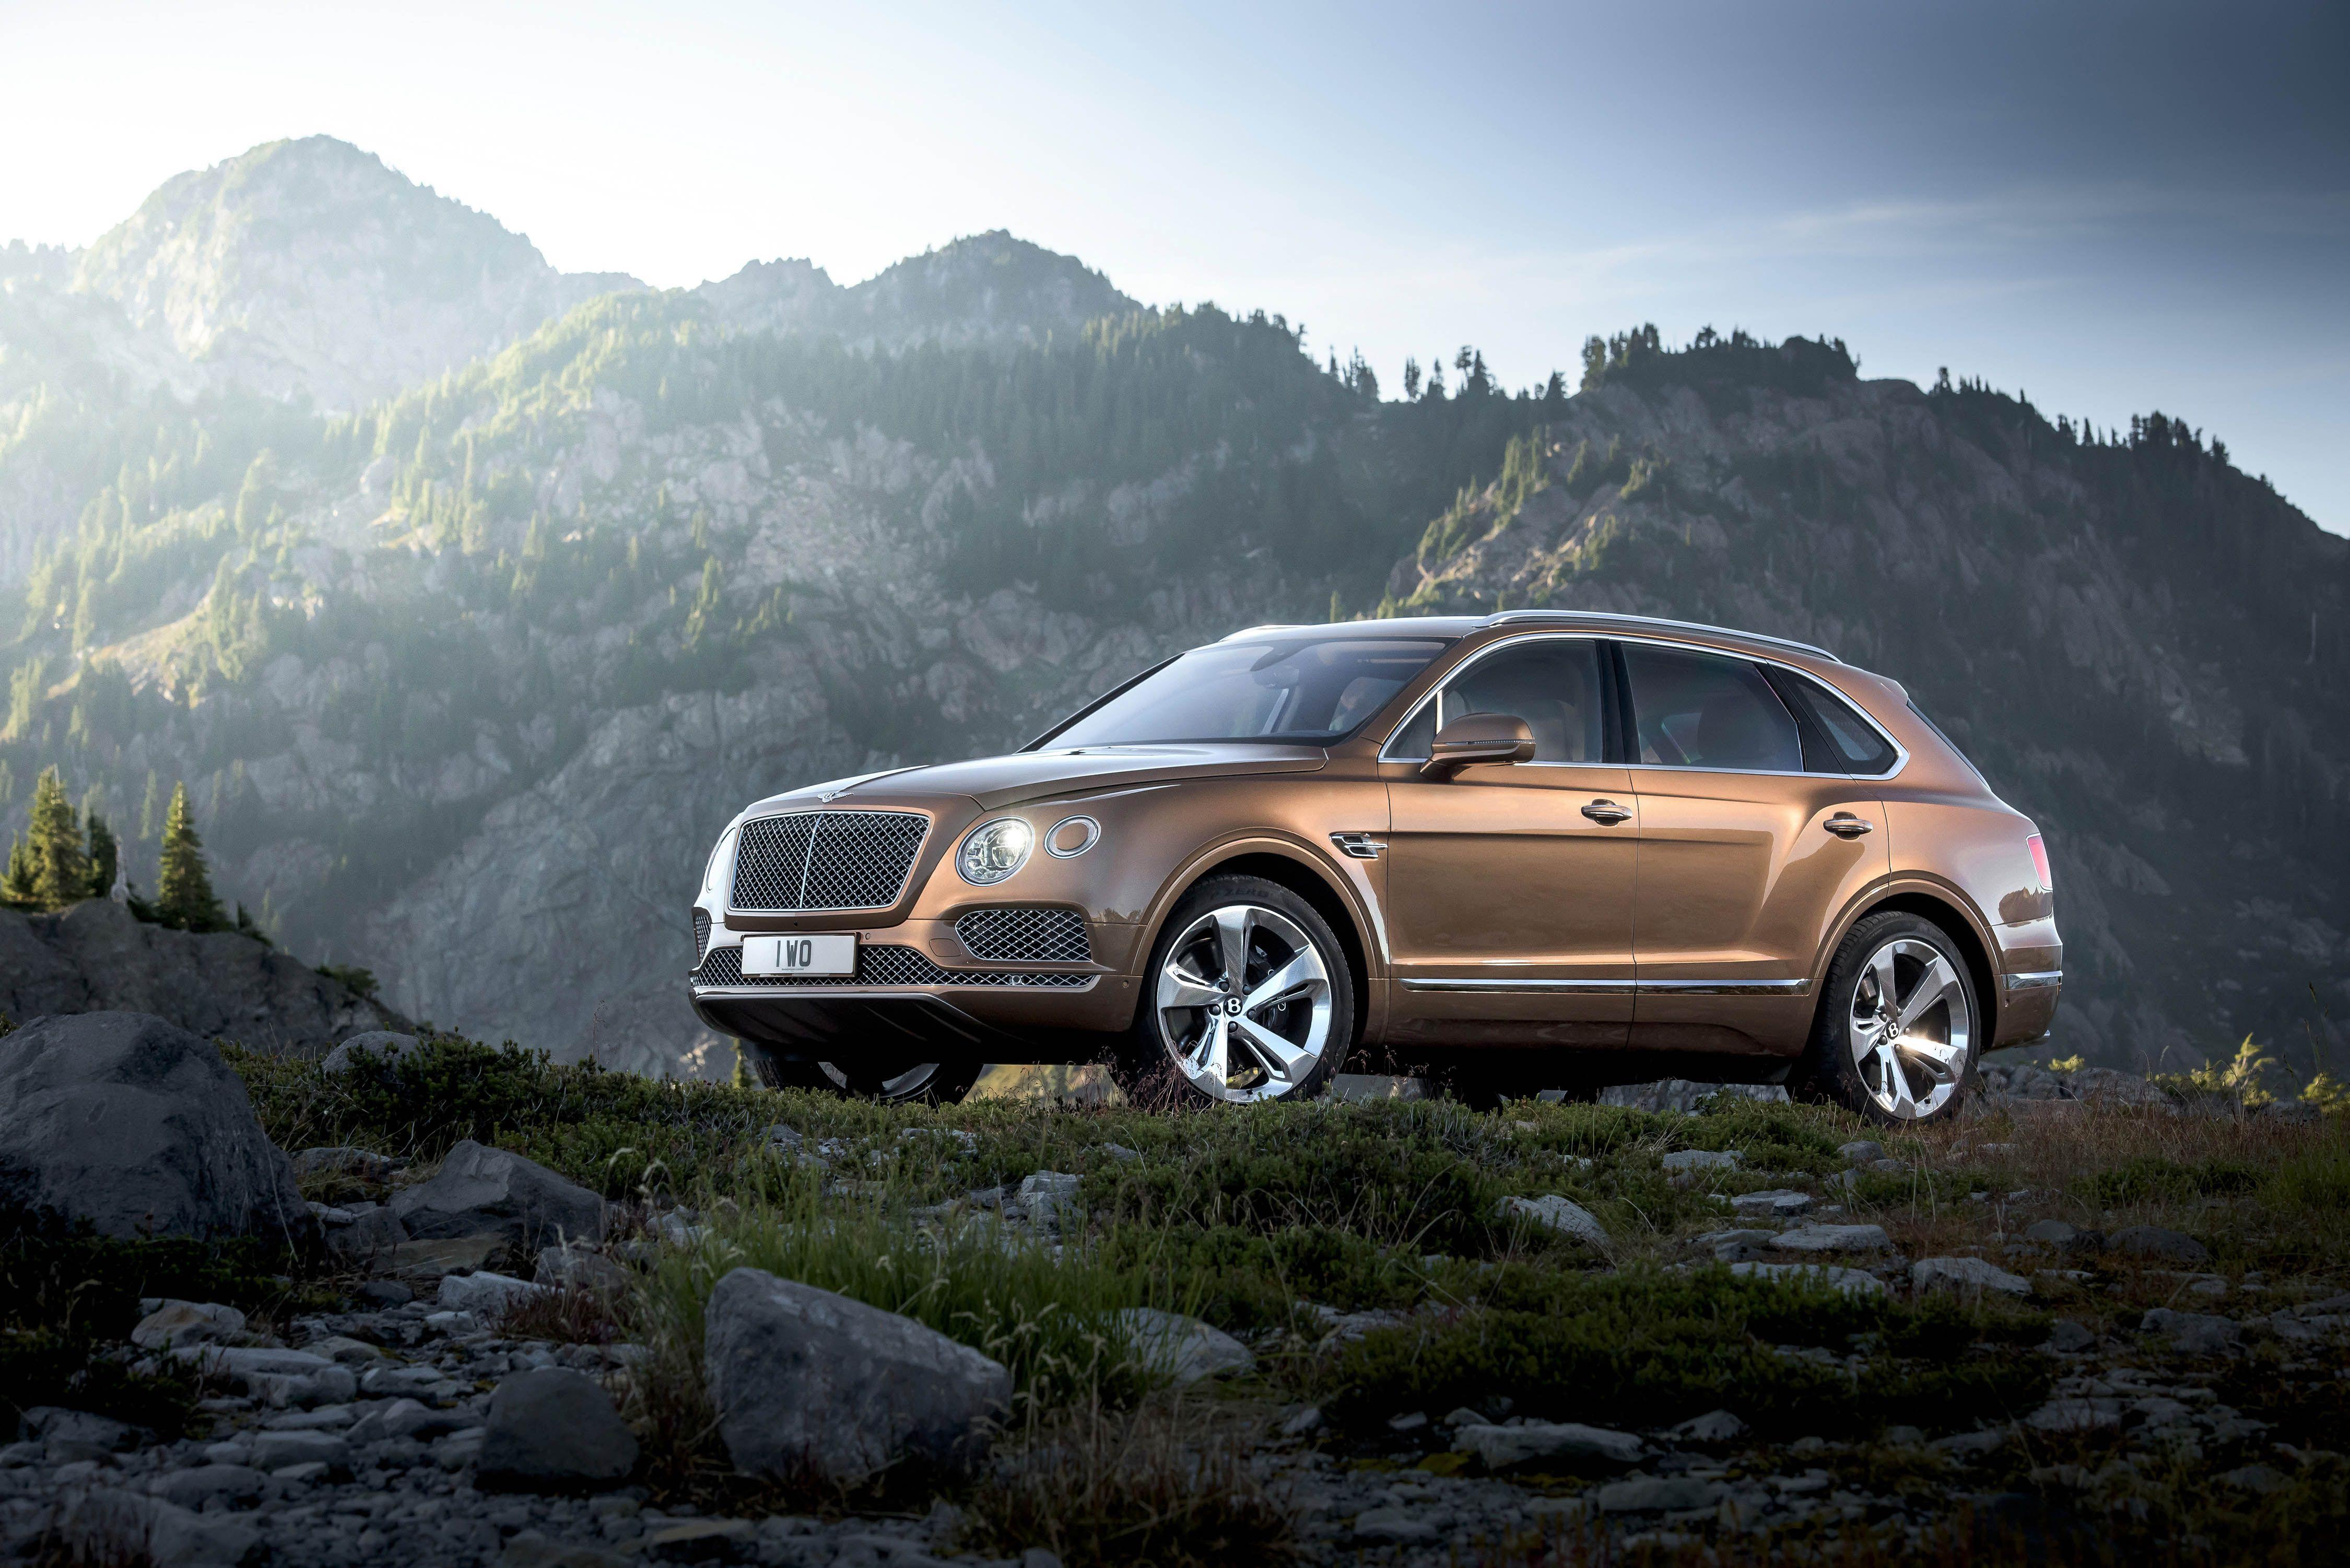 Bentley Presenteert Bentayga Suv Met Een Leugen Drivessential